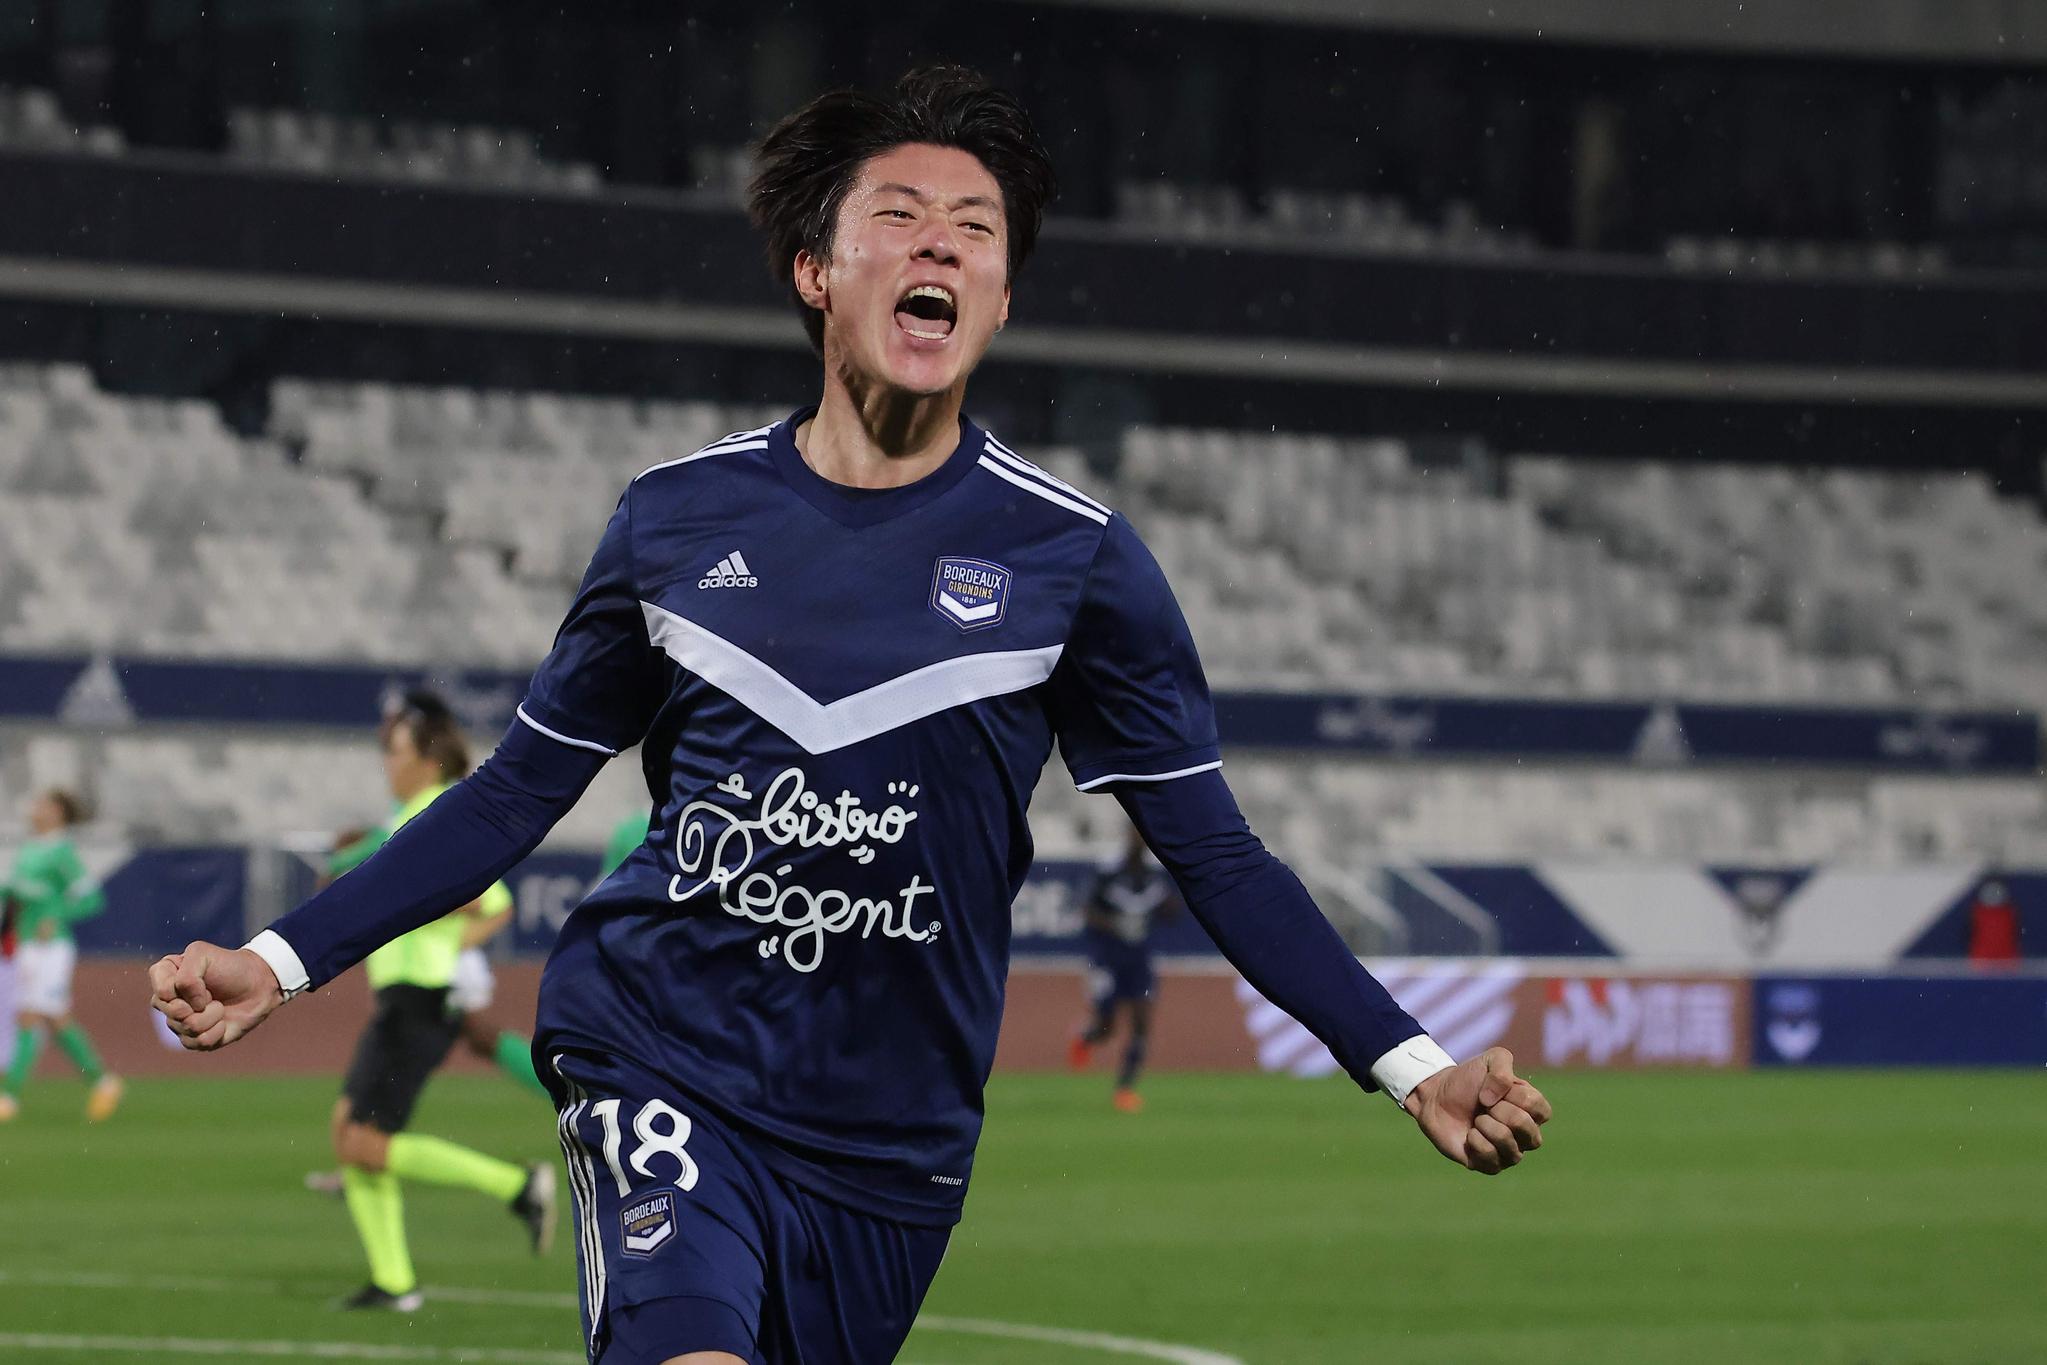 17일 생테티엔전에서 시즌 첫 골을 터트린 뒤 기뻐하는 보르도 황의조. [AFP=연합뉴스]